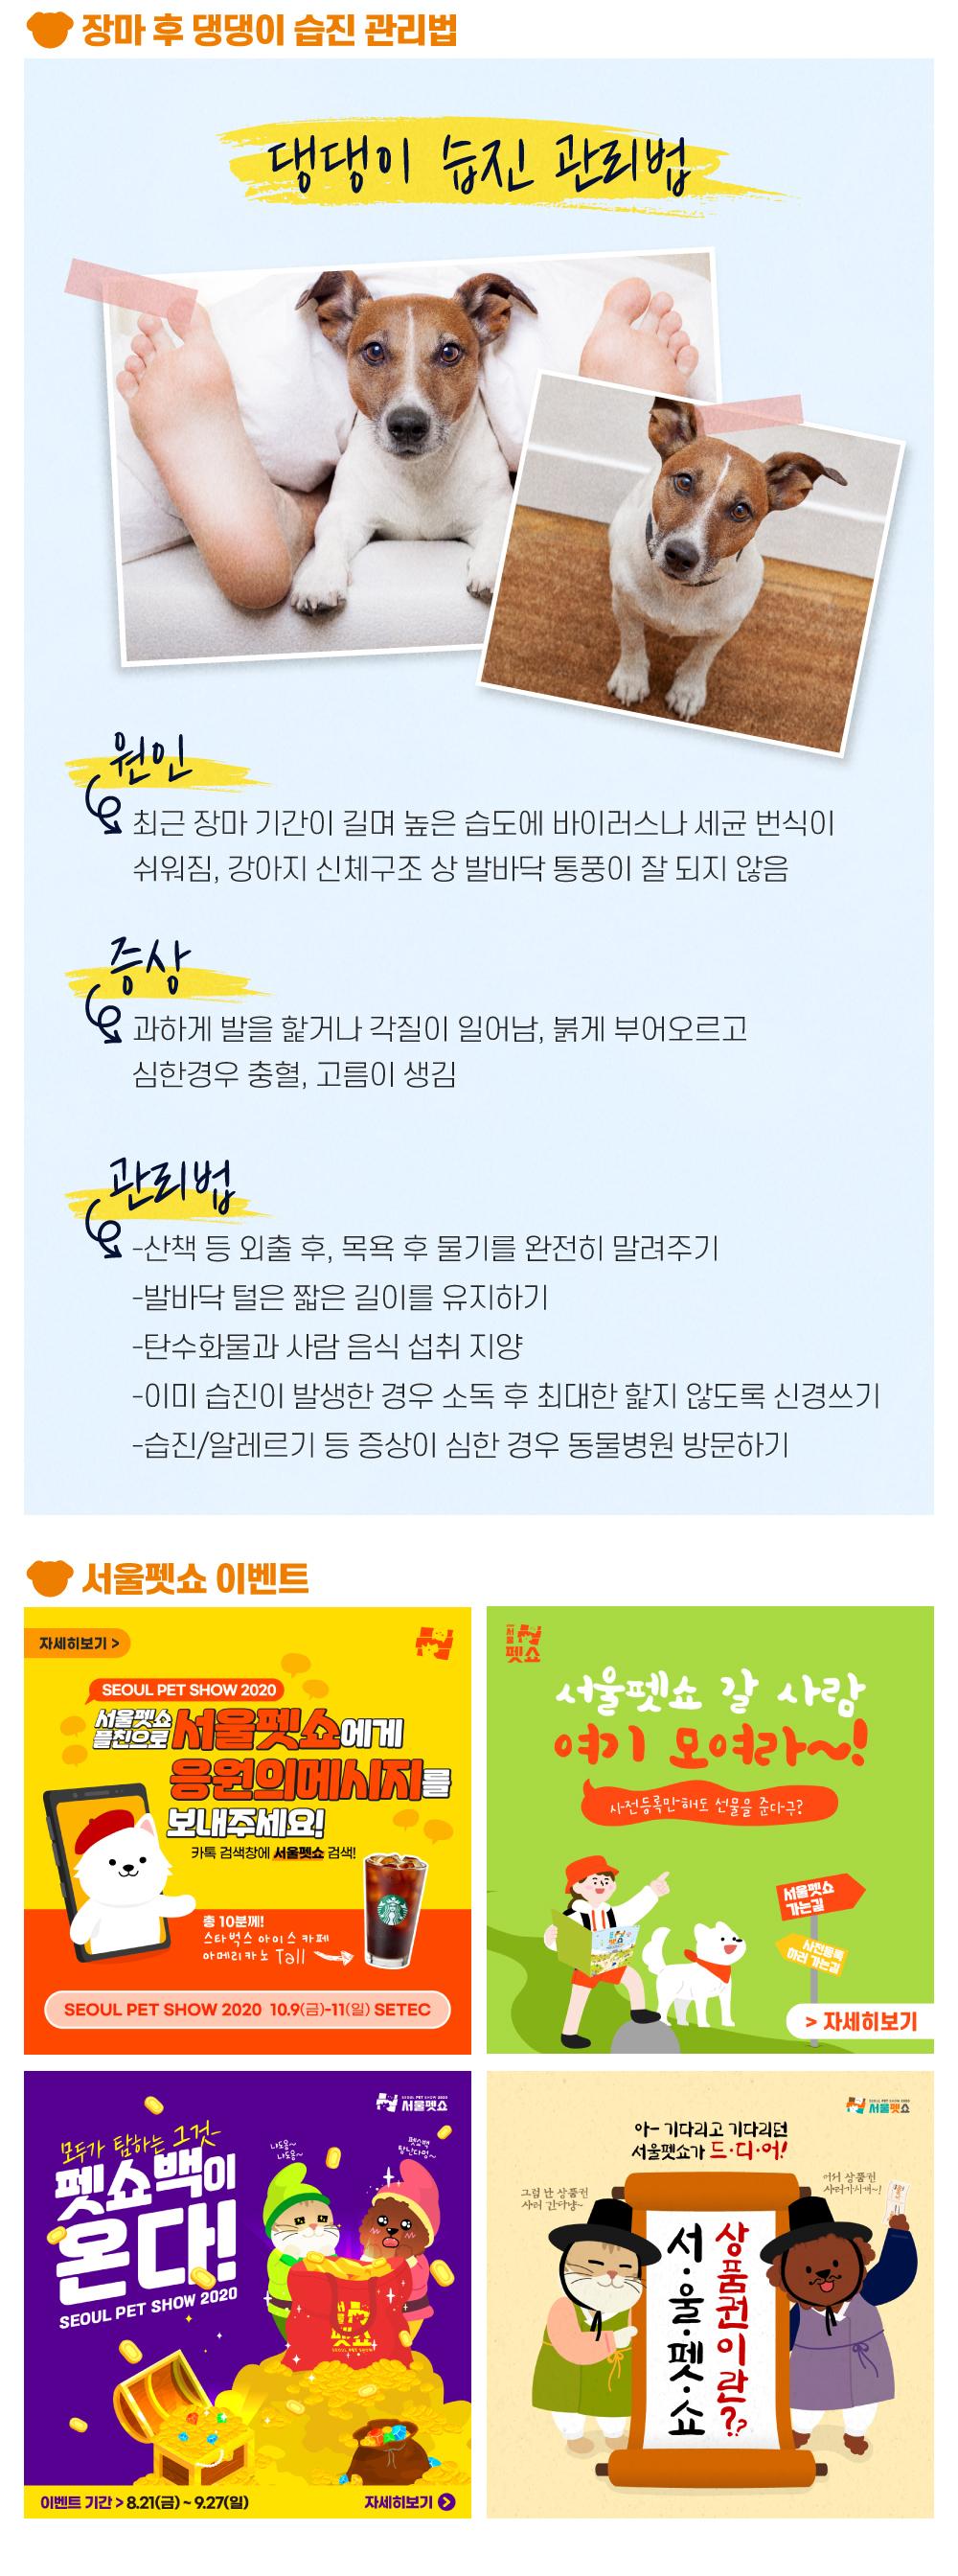 서울펫쇼-뉴스레터-vol1-2.jpg